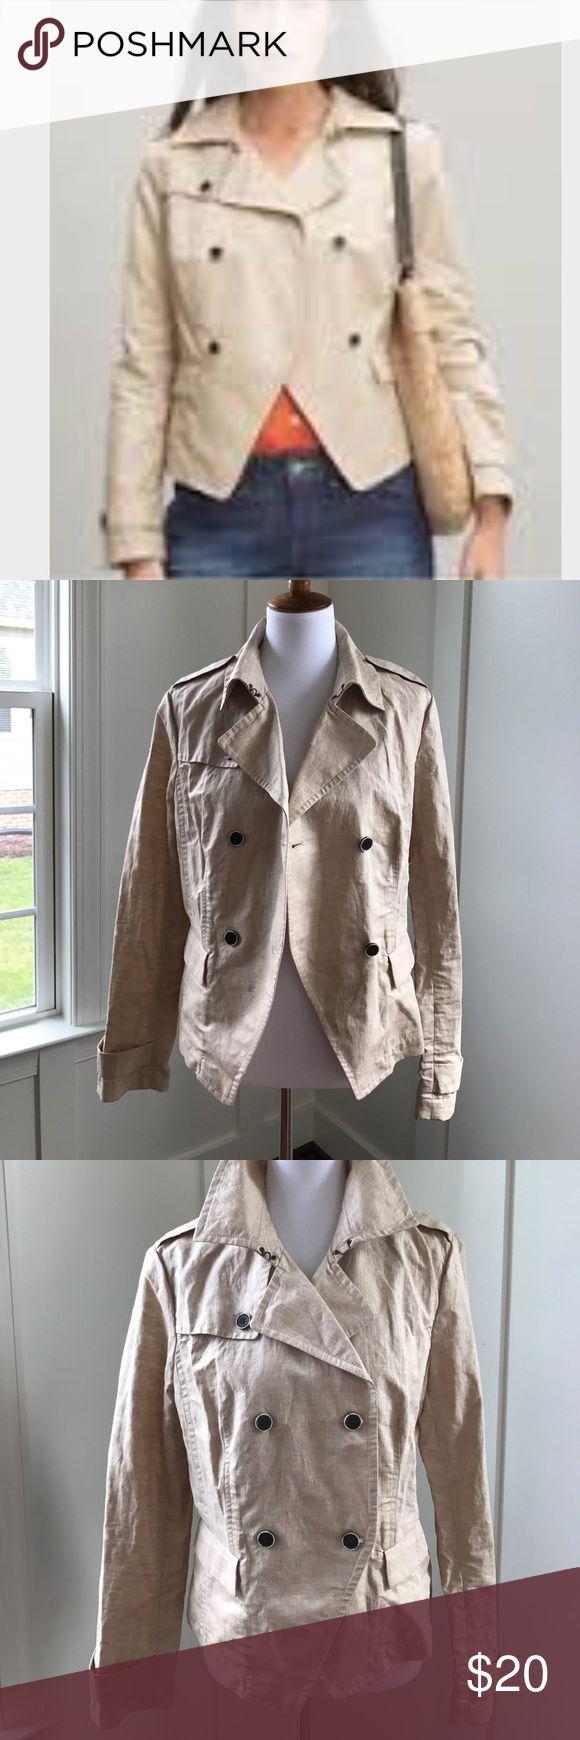 Banana Republic Short Waxed Linen Jacket Size L Linen double breast waxed jacket. Great condition. Banana Republic Jackets & Coats